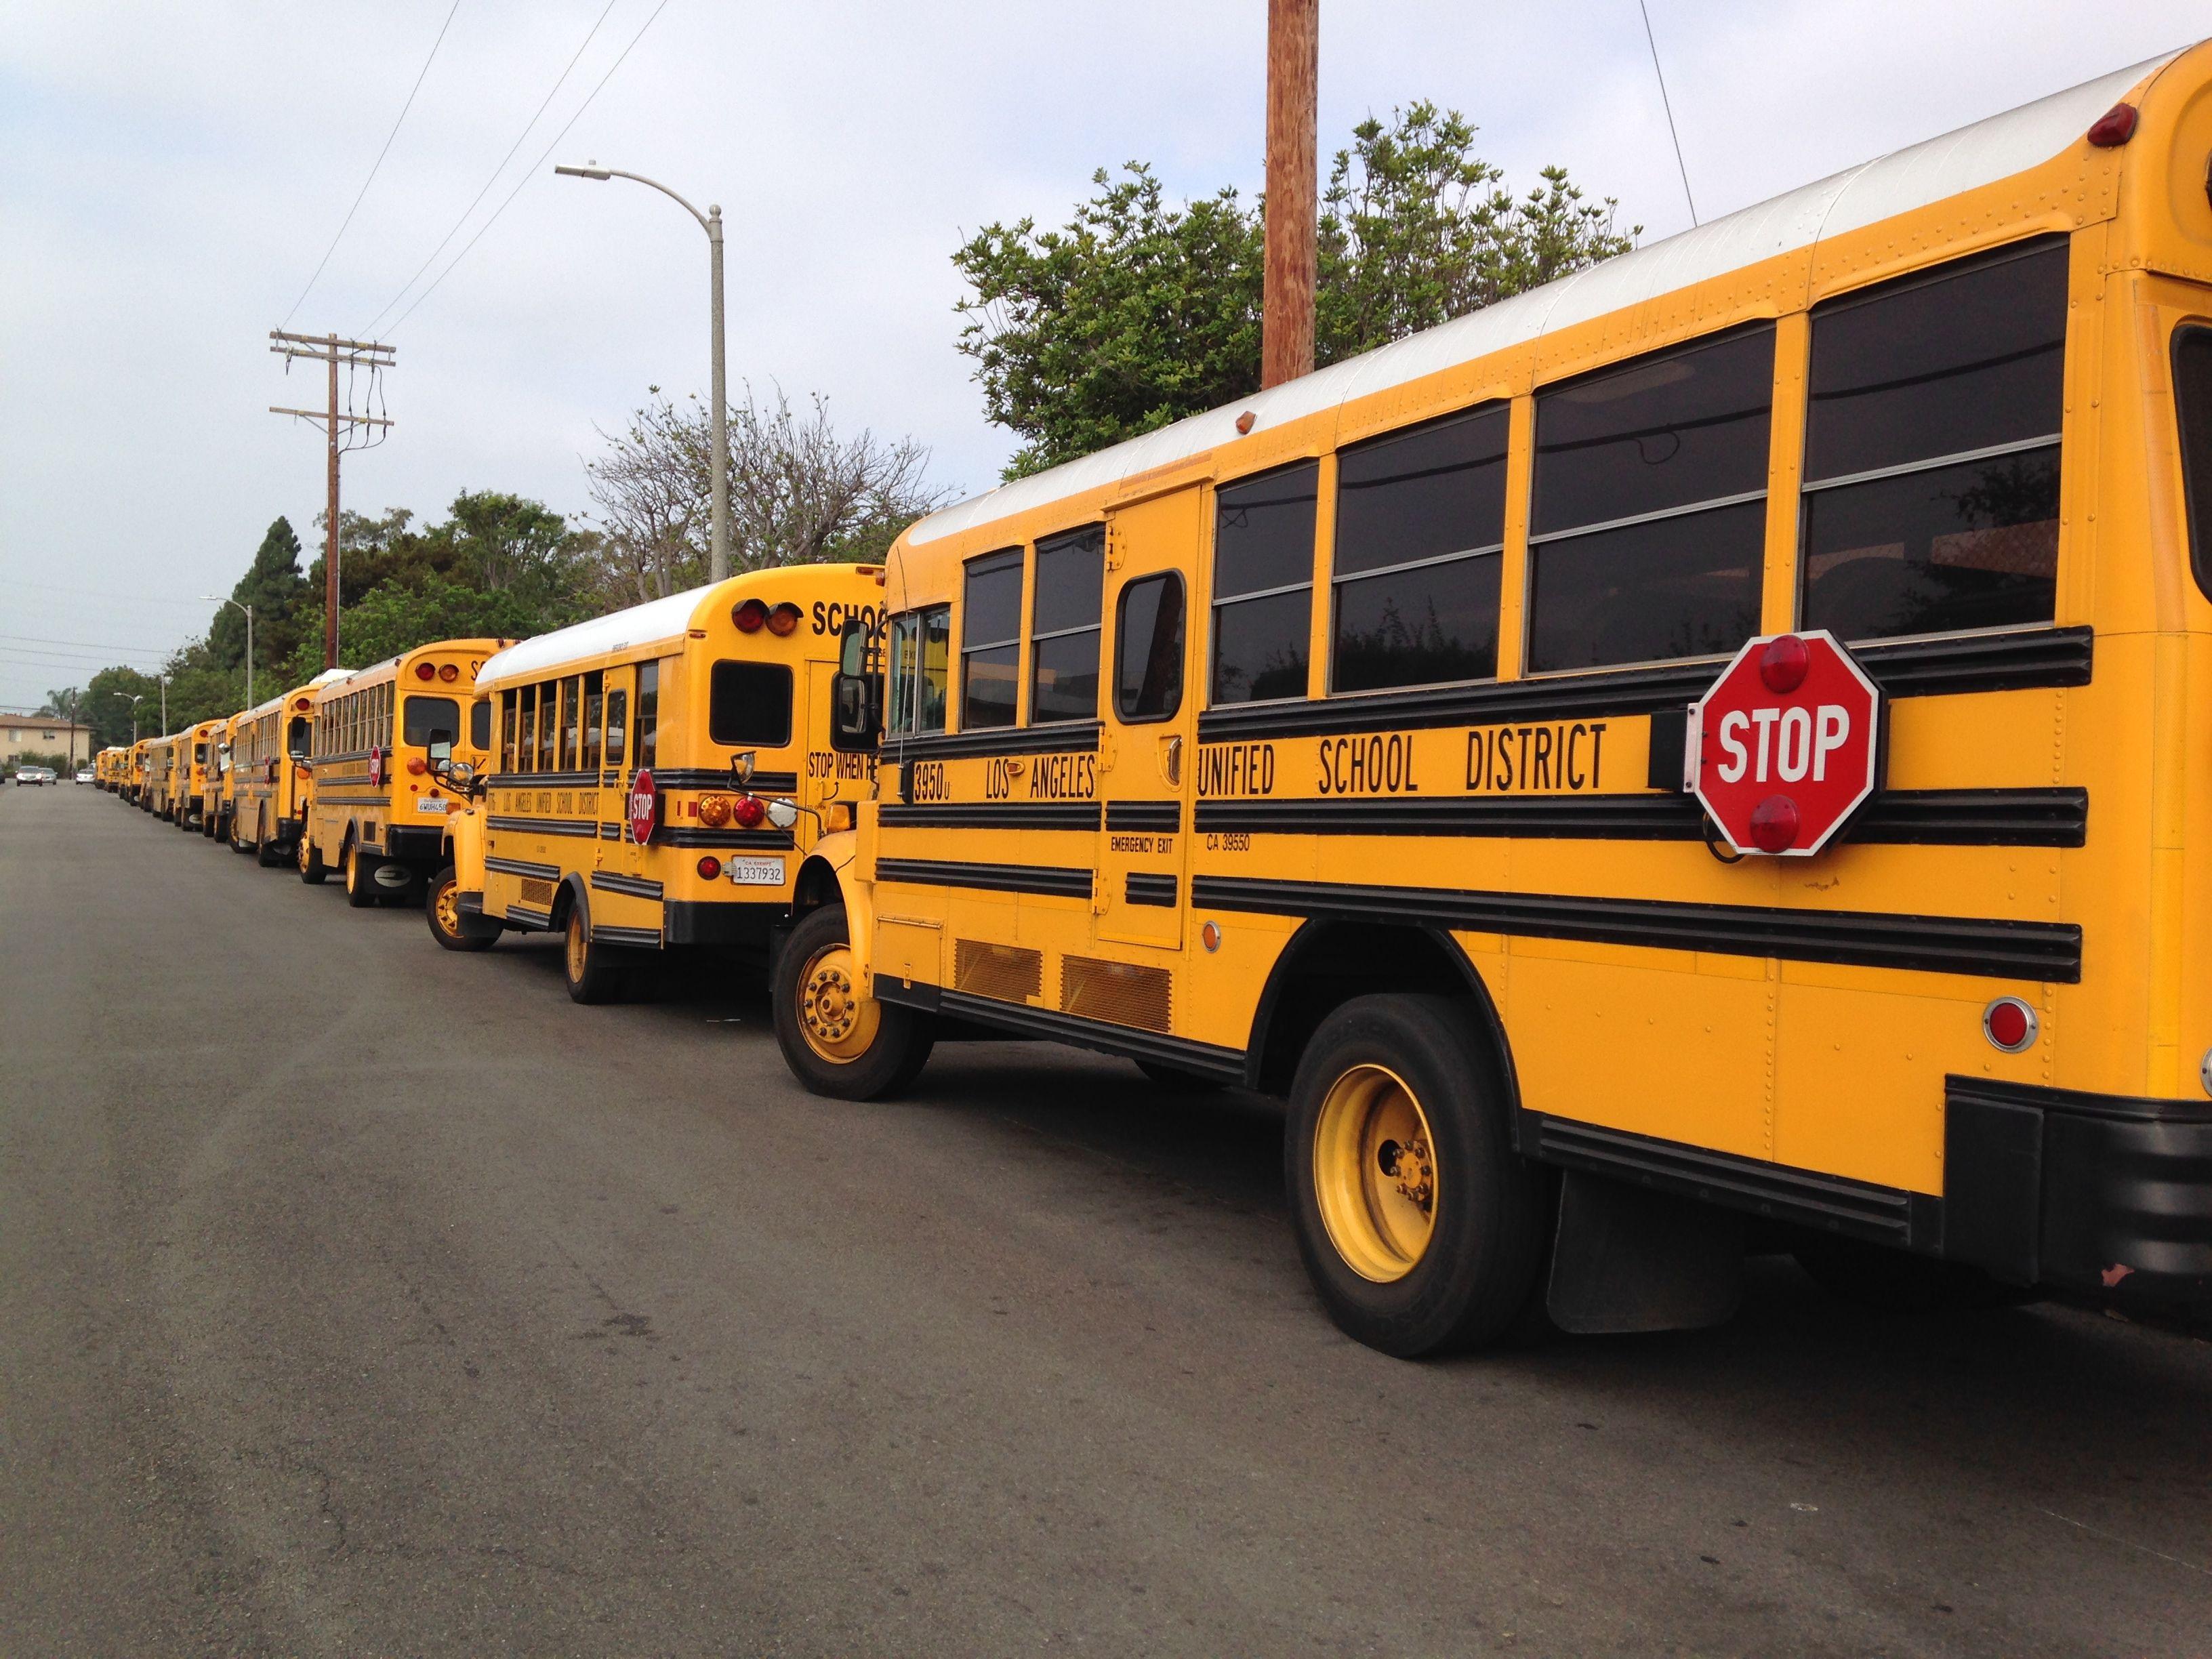 Schools in Mar Vista